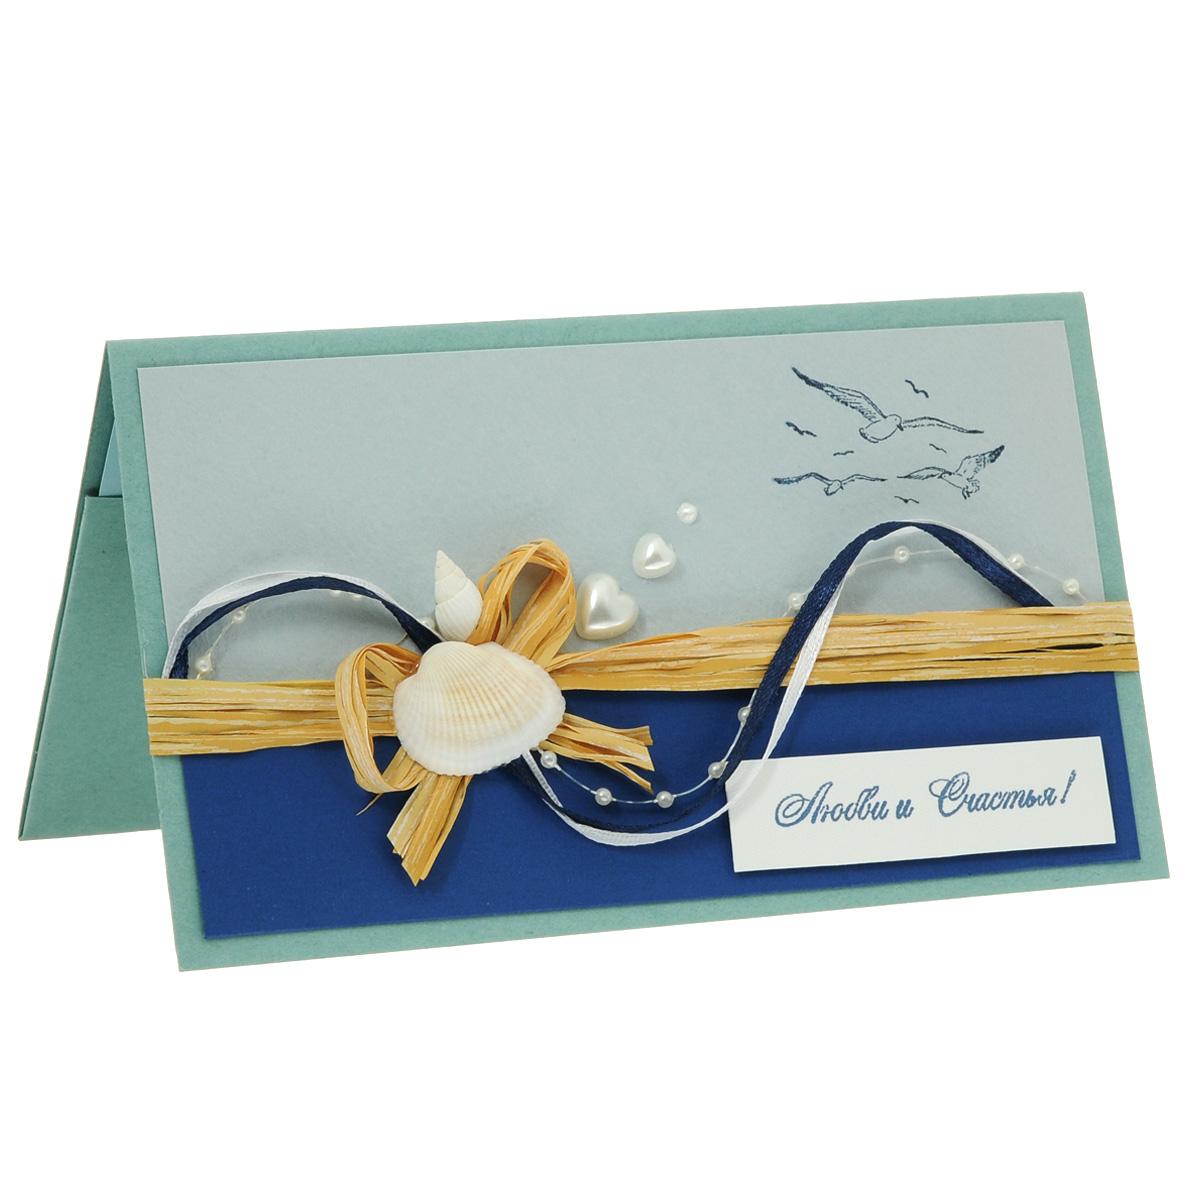 ОСВ-0002 Открытка-конверт «Любви и счастья» (морская). Студия «Тётя Роза»123438Характеристики: Размер 19 см x 11 см.Материал: Высоко-художественный картон, бумага, декор. Данная открытка может стать как прекрасным дополнением к вашему подарку, так и самостоятельным подарком. Так как открытка является и конвертом, в который вы можете вложить ваш денежный подарок или просто написать ваши пожелания на вкладыше.Пожелания в морском стиле настроят на приятные воспоминания о летнем отдыхе и романтических вечерах. Конверт выполнен в бирюзово-синей морской гамме. В декоре использованы натуральные материалы: раффия, мелкие жемчужины и ракушки. Также открытка упакована в пакетик для сохранности.Обращаем Ваше внимание на то, что открытка может незначительно отличаться от представленной на фото.Открытки ручной работы от студии Тётя Роза отличаются своим неповторимым и ярким стилем. Каждая уникальна и выполнена вручную мастерами студии. (Открытка для мужчин, открытка для женщины, открытка на день рождения, открытка с днем свадьбы, открытка винтаж, открытка с юбилеем, открытка на все случаи, скрапбукинг)